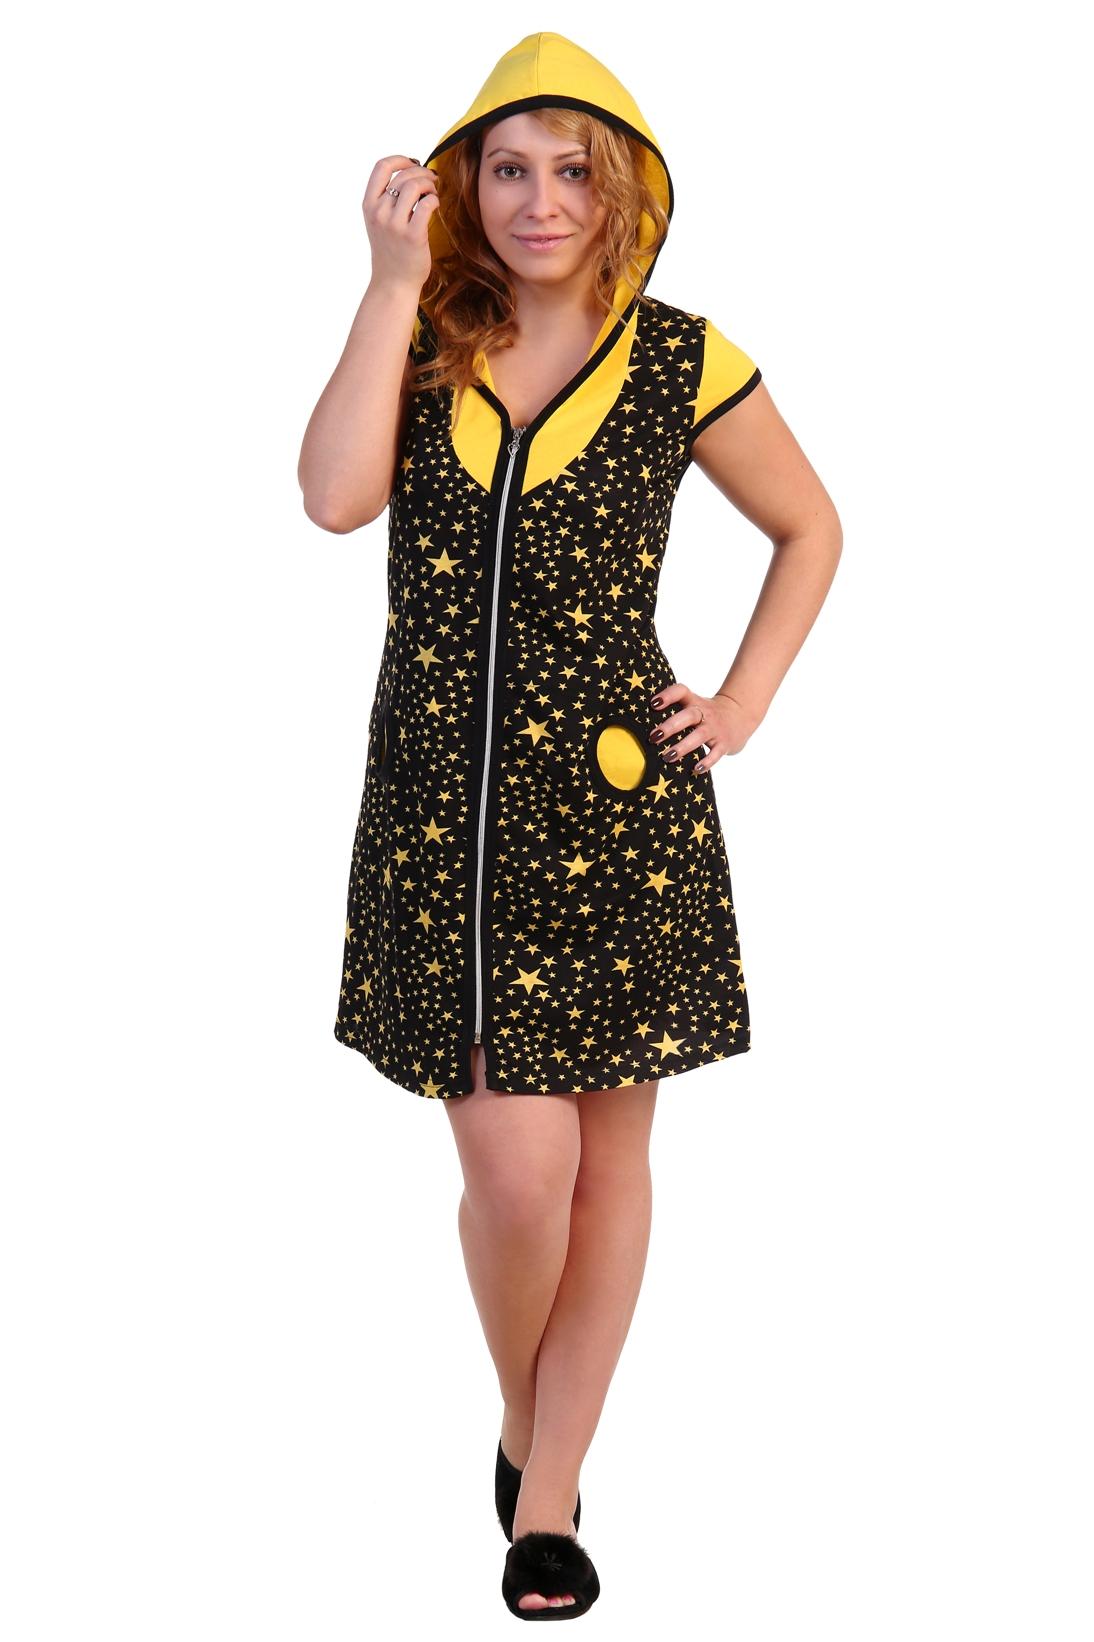 Жен. халат арт. 16-0278 Желтый р. 54 - Женская одежда артикул: 30419